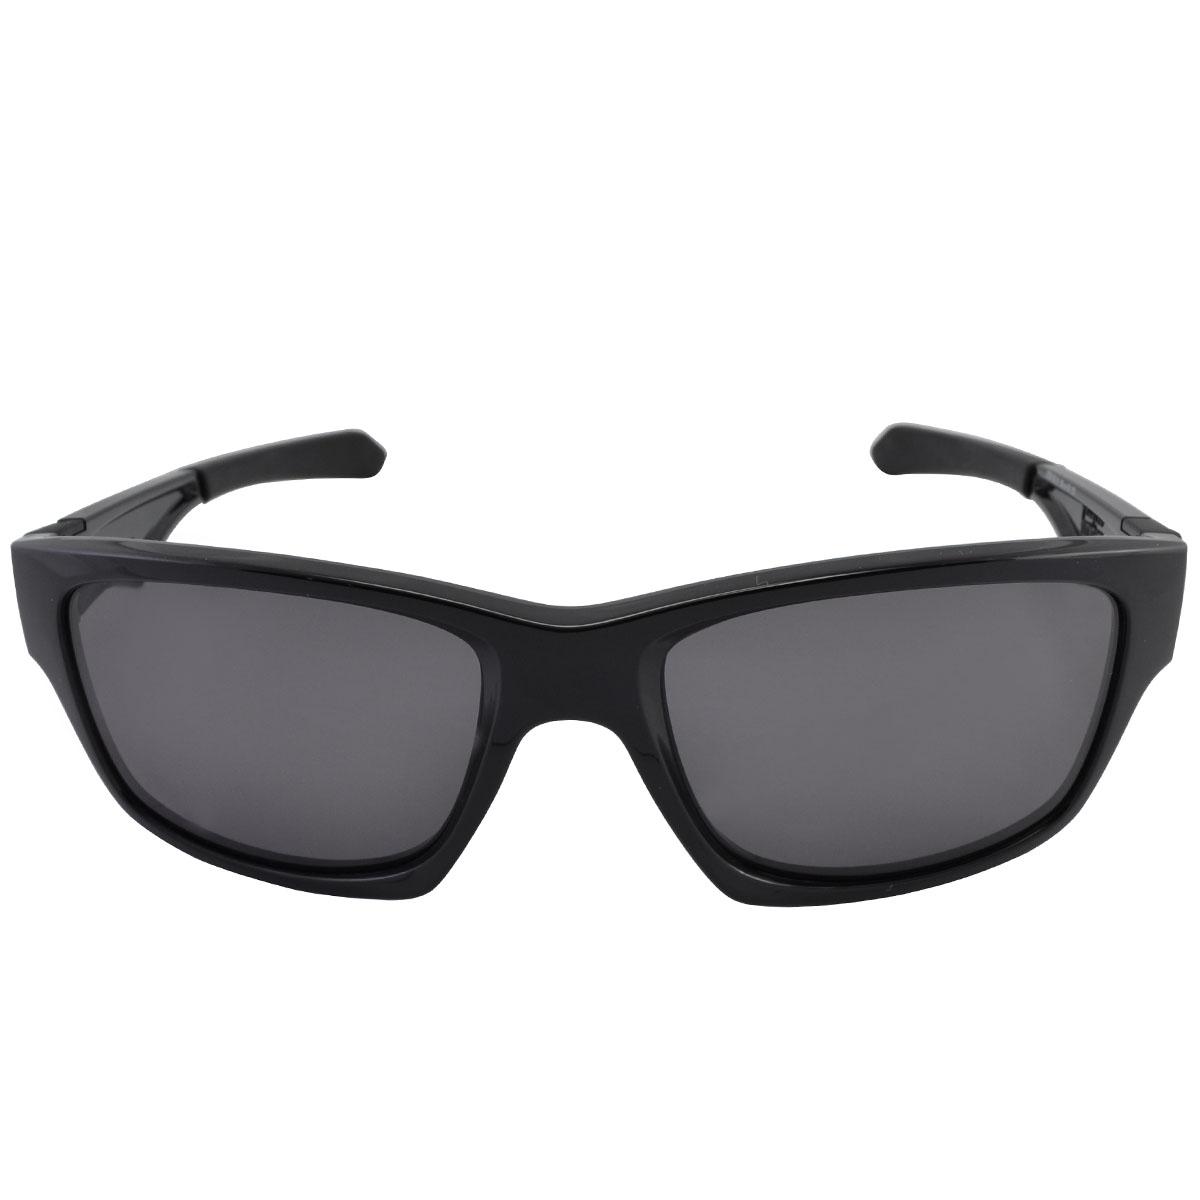 fcd873ee158d5 Oculos Oakley Made In Usa Ce. Óculos Oakley Jupiter Squared Polished Black  Lente ...